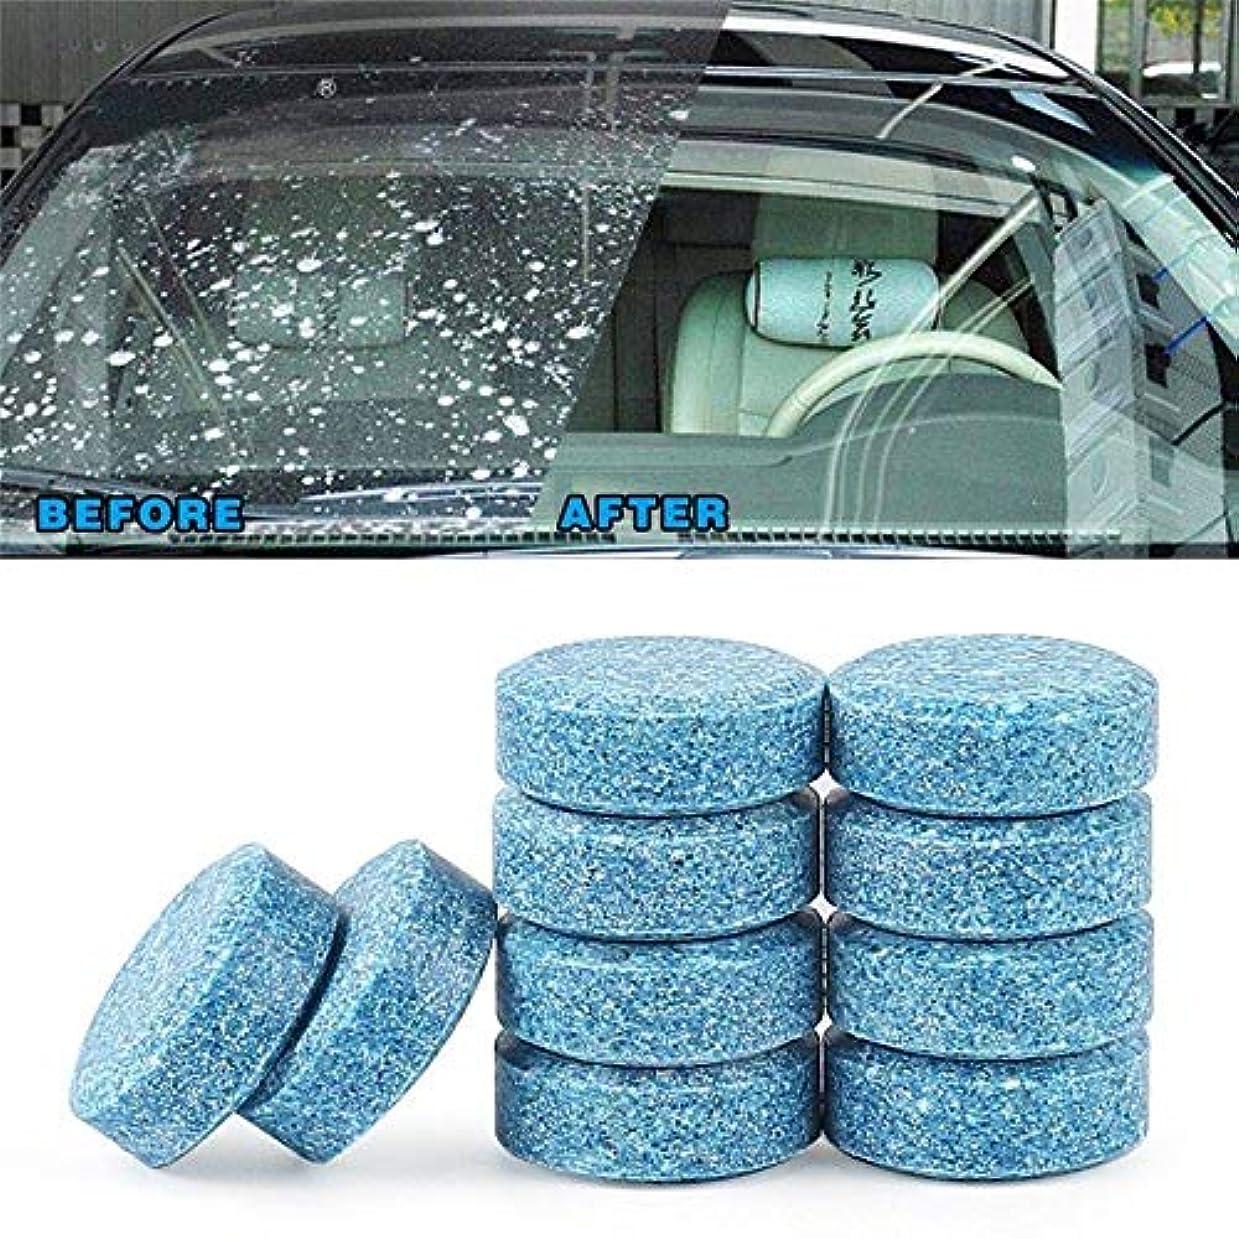 オーストラリア人例示する子供っぽい10 PC車のフロントガラスクリーニング車の窓ガラスクリーナー車固体ワイパー罰金ワイパー車自動ウィンドウクリーニング